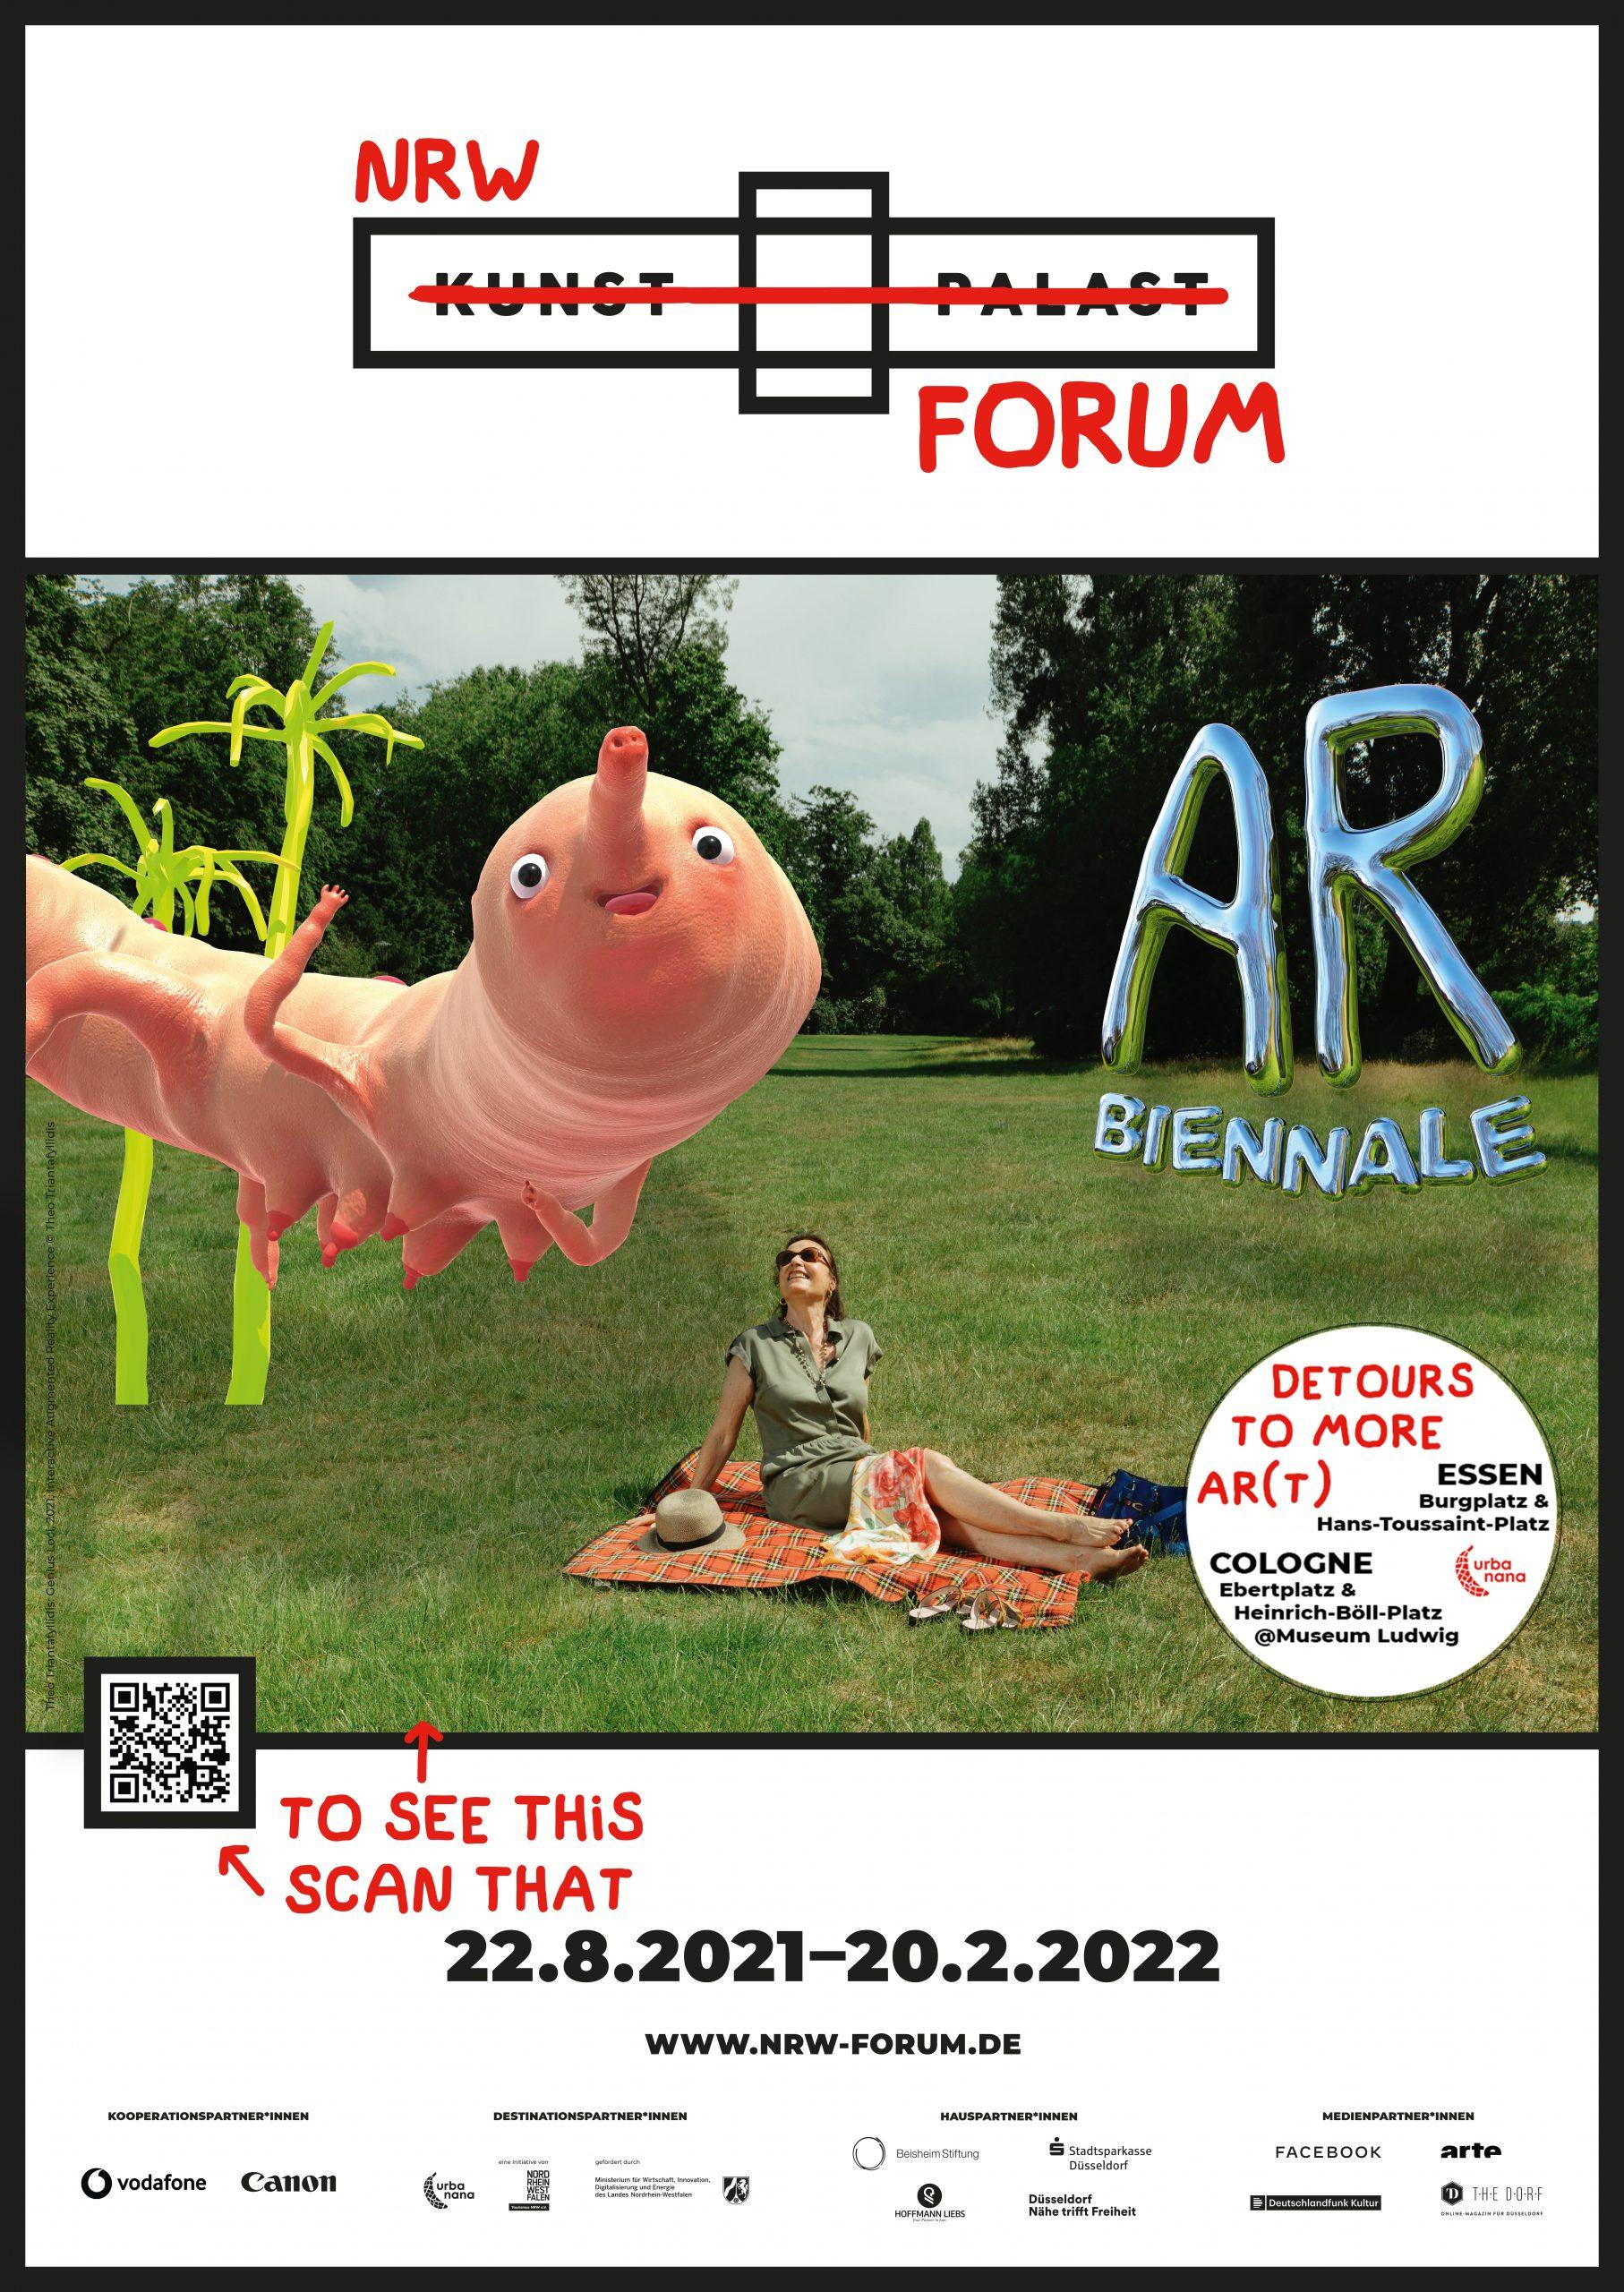 Plakat von AR Biennale